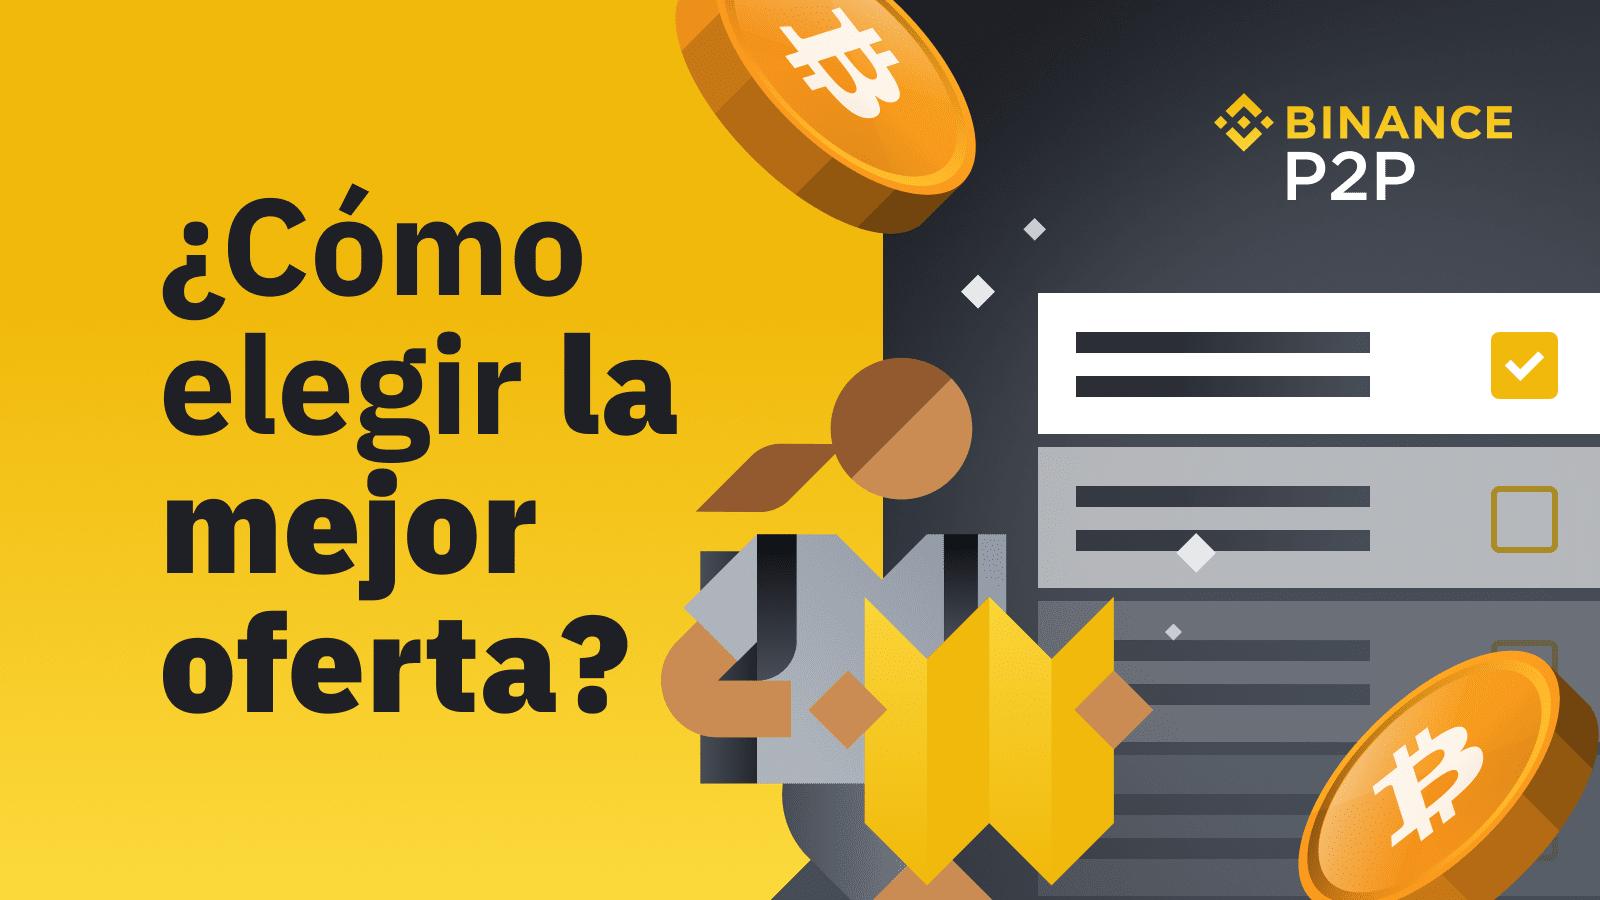 În cumpără bitcoin investind în bitcoin Pe